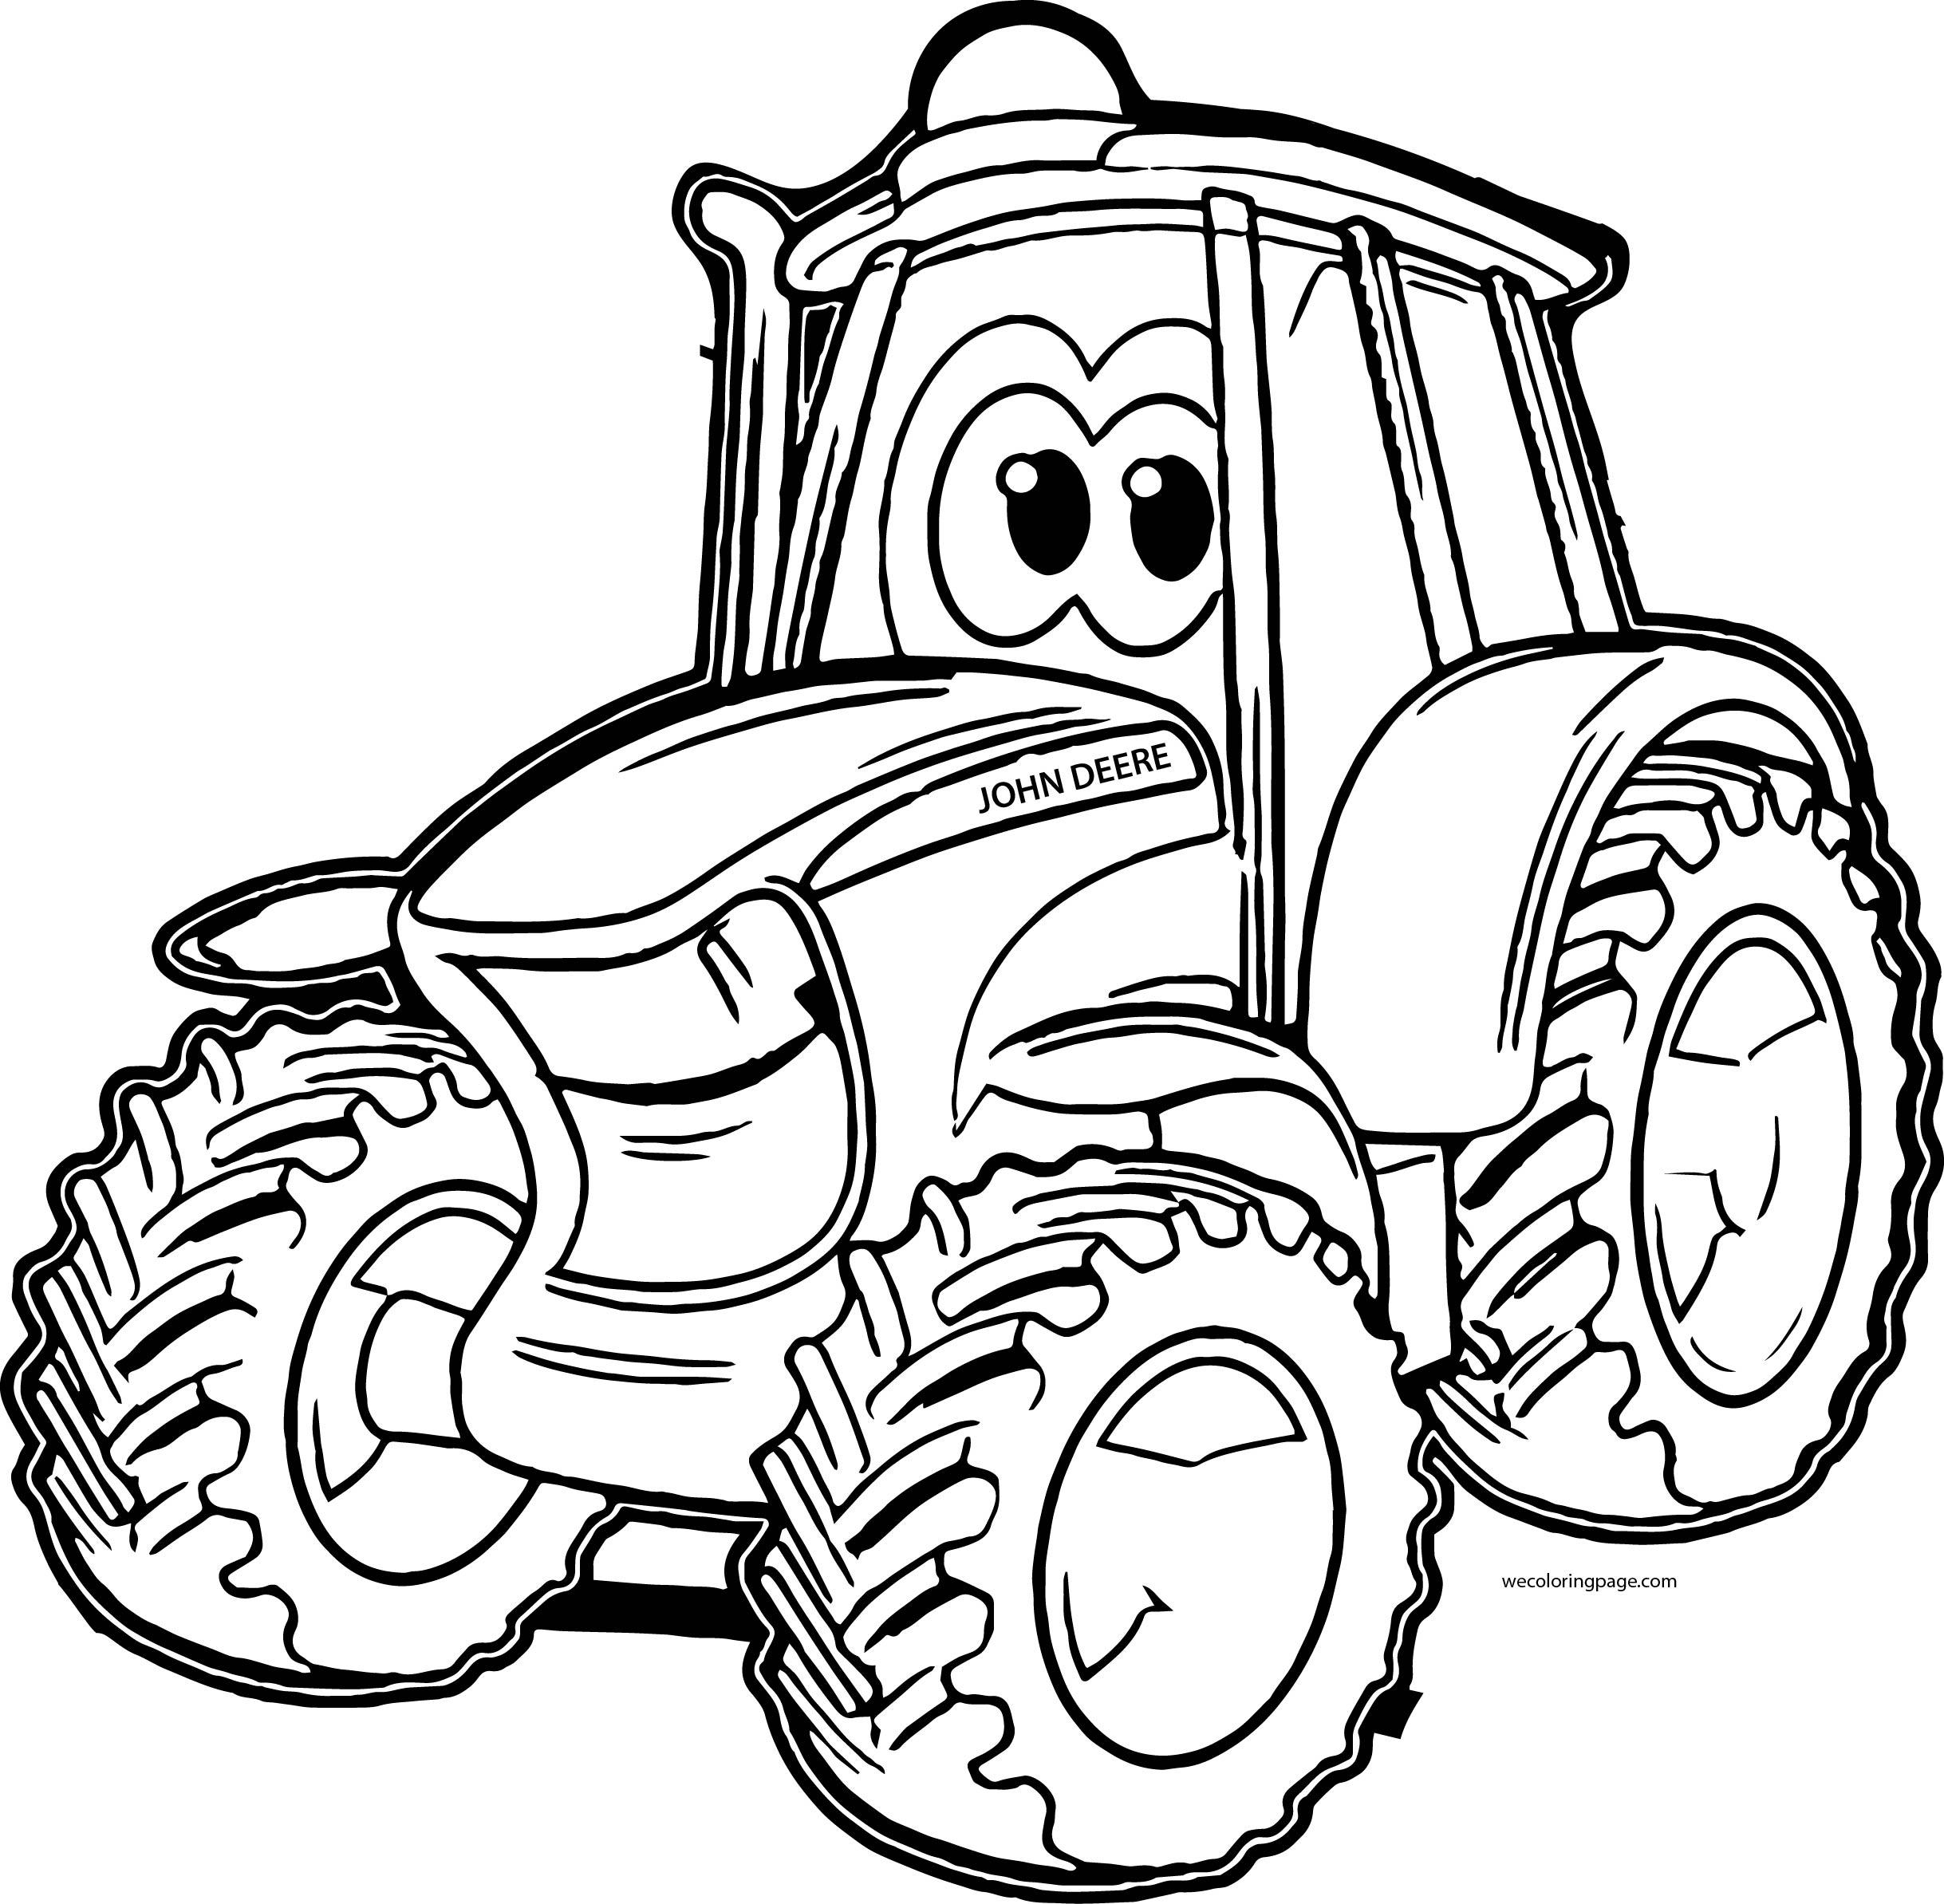 Lujo Tractor John Deere Para Colorear Embellecimiento - Dibujos Para ...